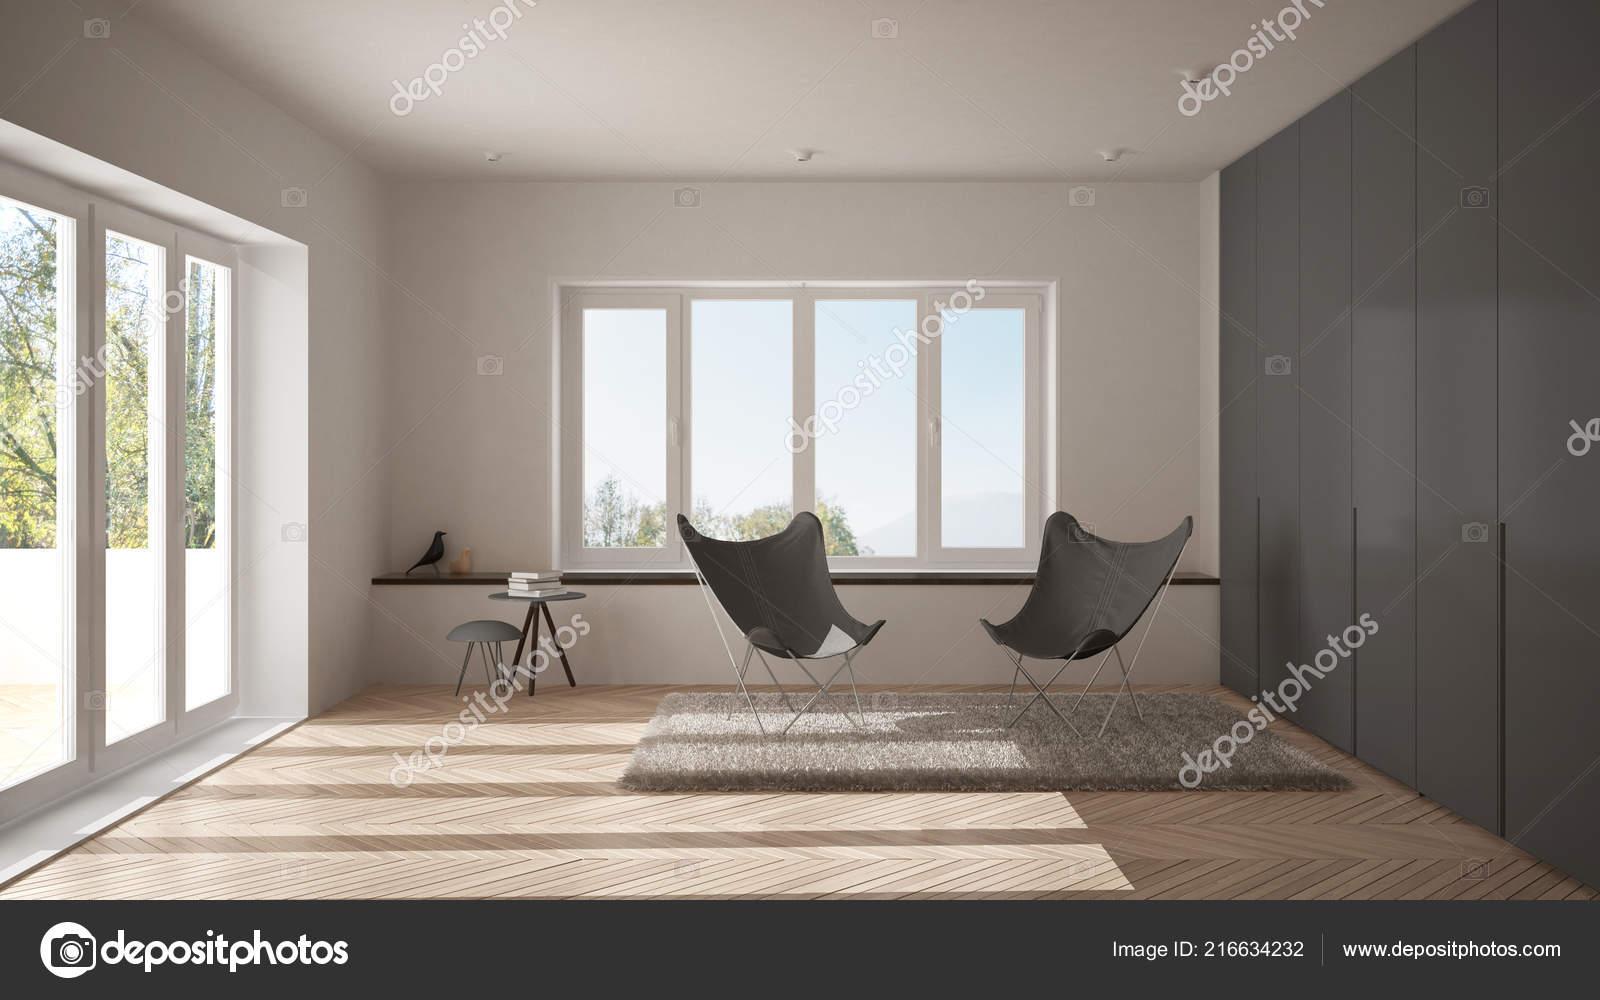 Pavimento Bianco E Grigio : Salone minimo bianco grigio con poltrona moquette pavimento